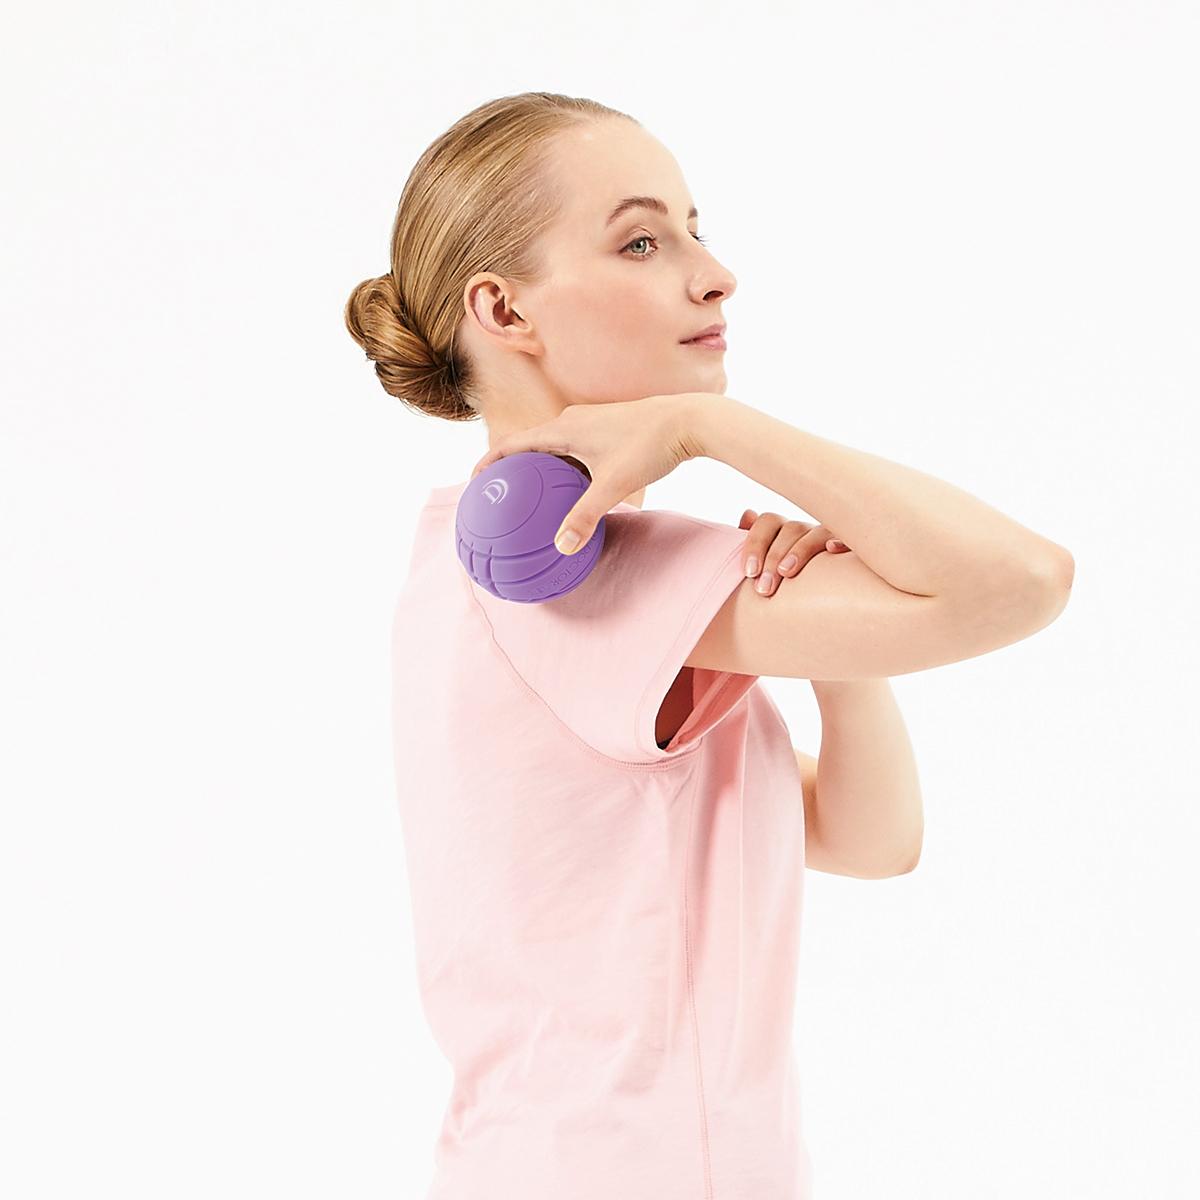 「現代版コリ」を解消する筋膜リリースができるストレッチボール Dr.Air 3Dコンディショニングボール